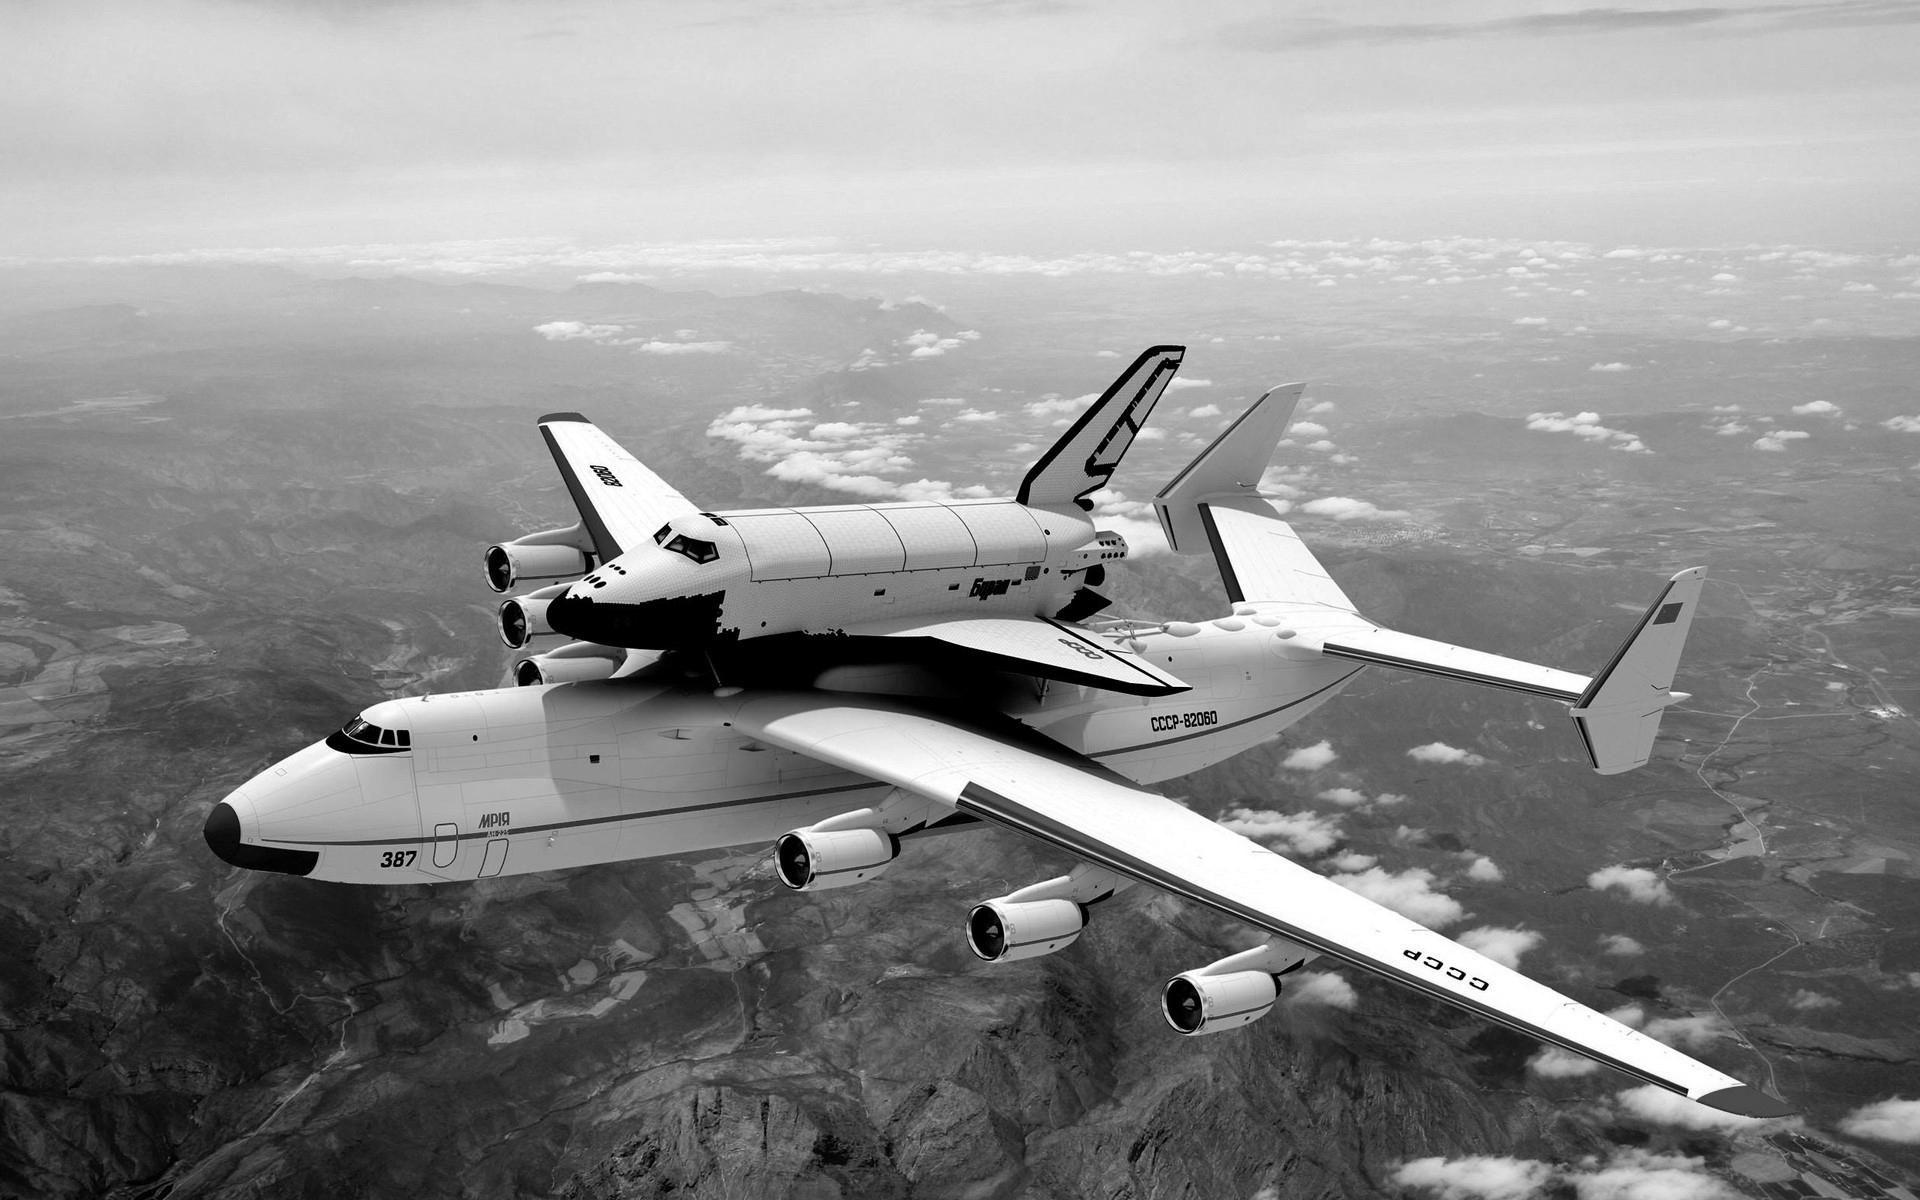 посещаем фото авиация космос пробовать разделять пространство